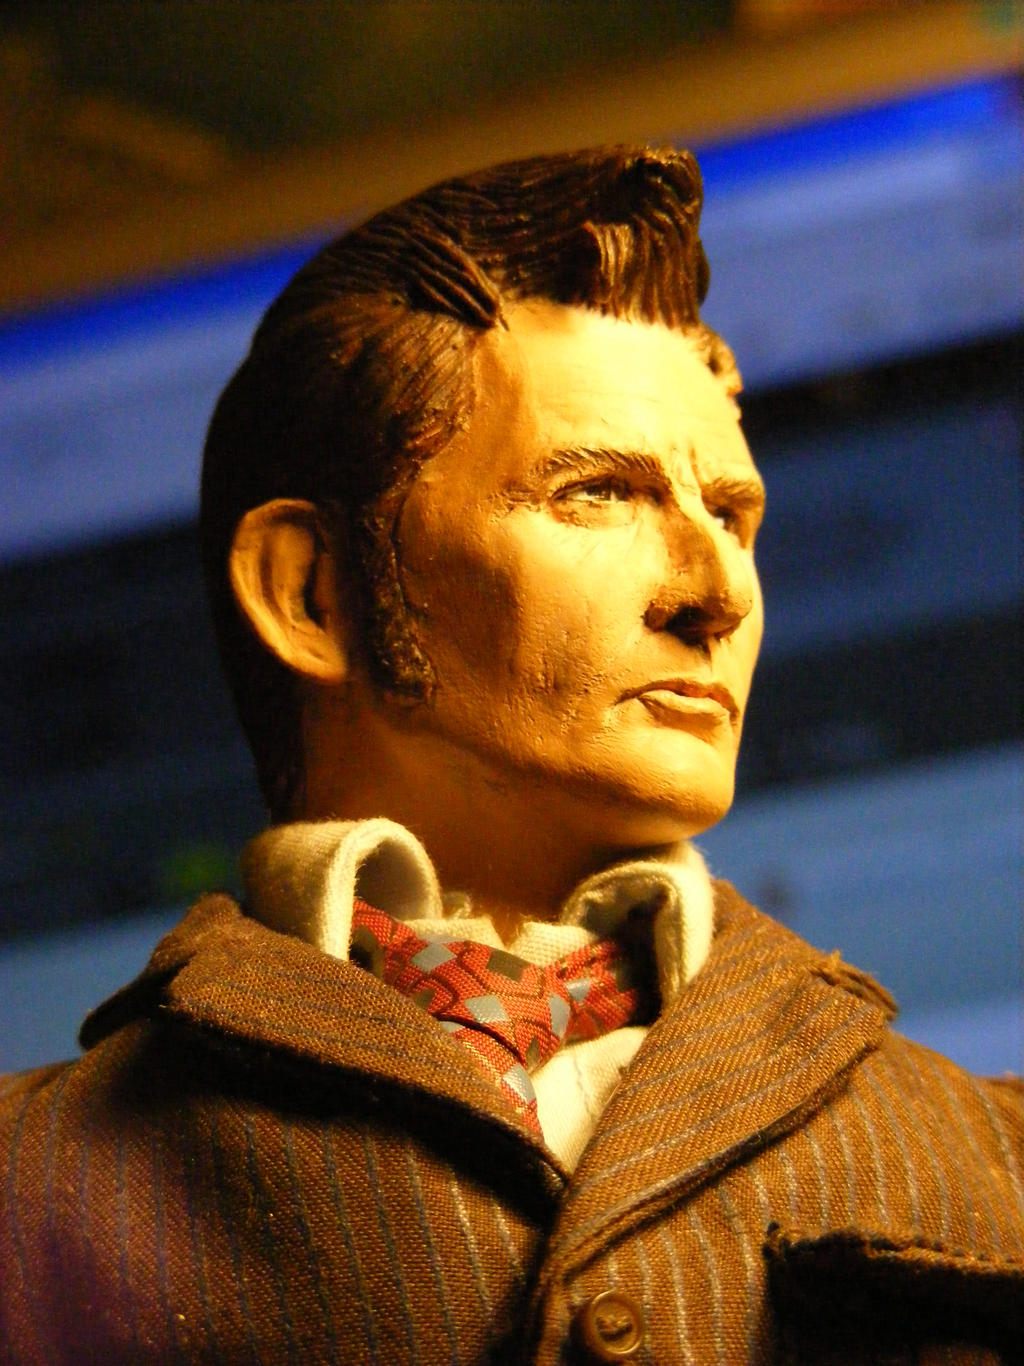 The Tenth Doctor by frasierdalek